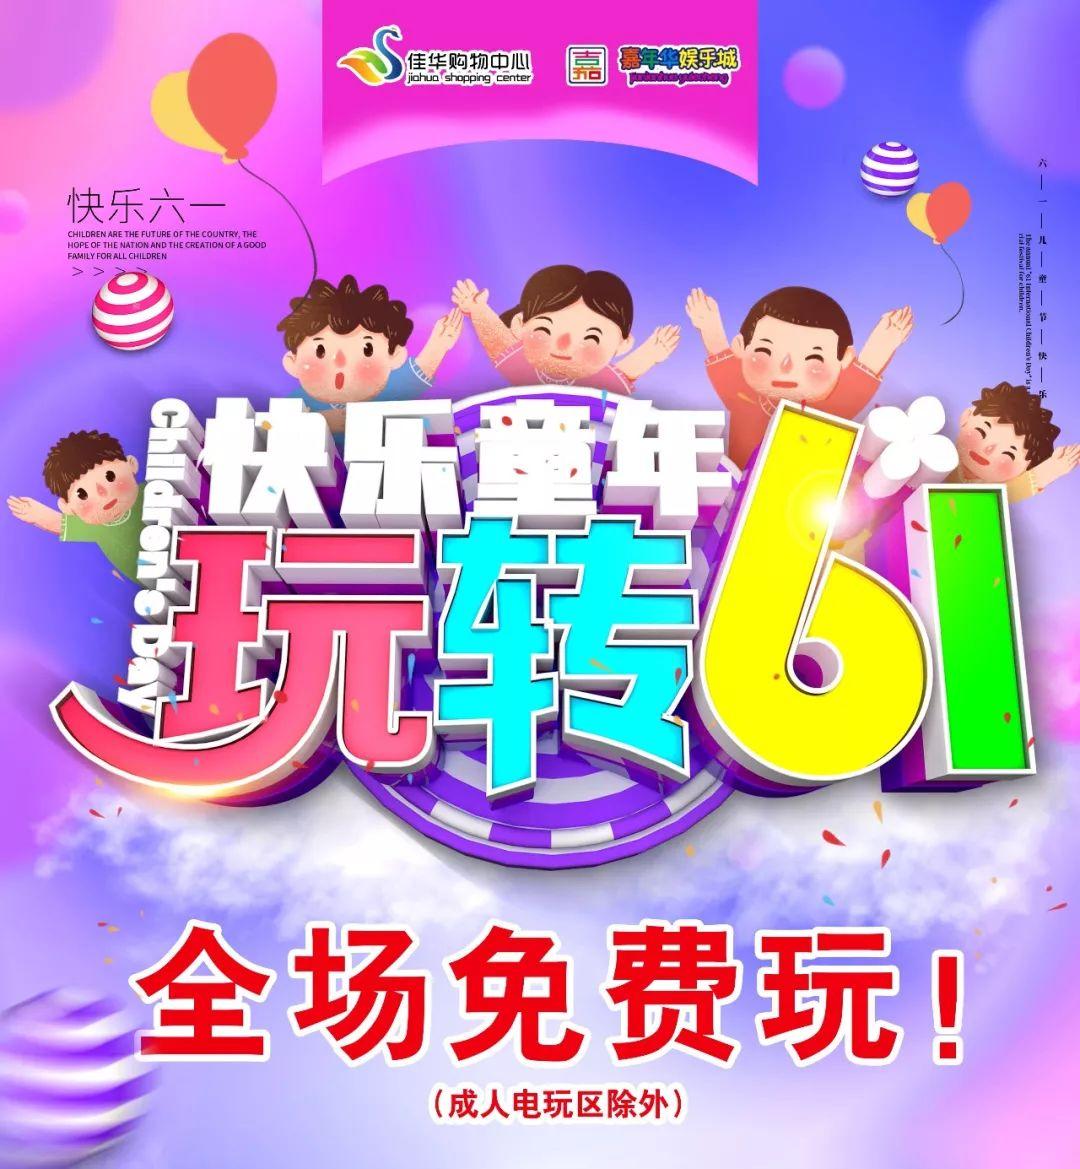 六一儿童节,礼品派送请注意查收……_娱乐城